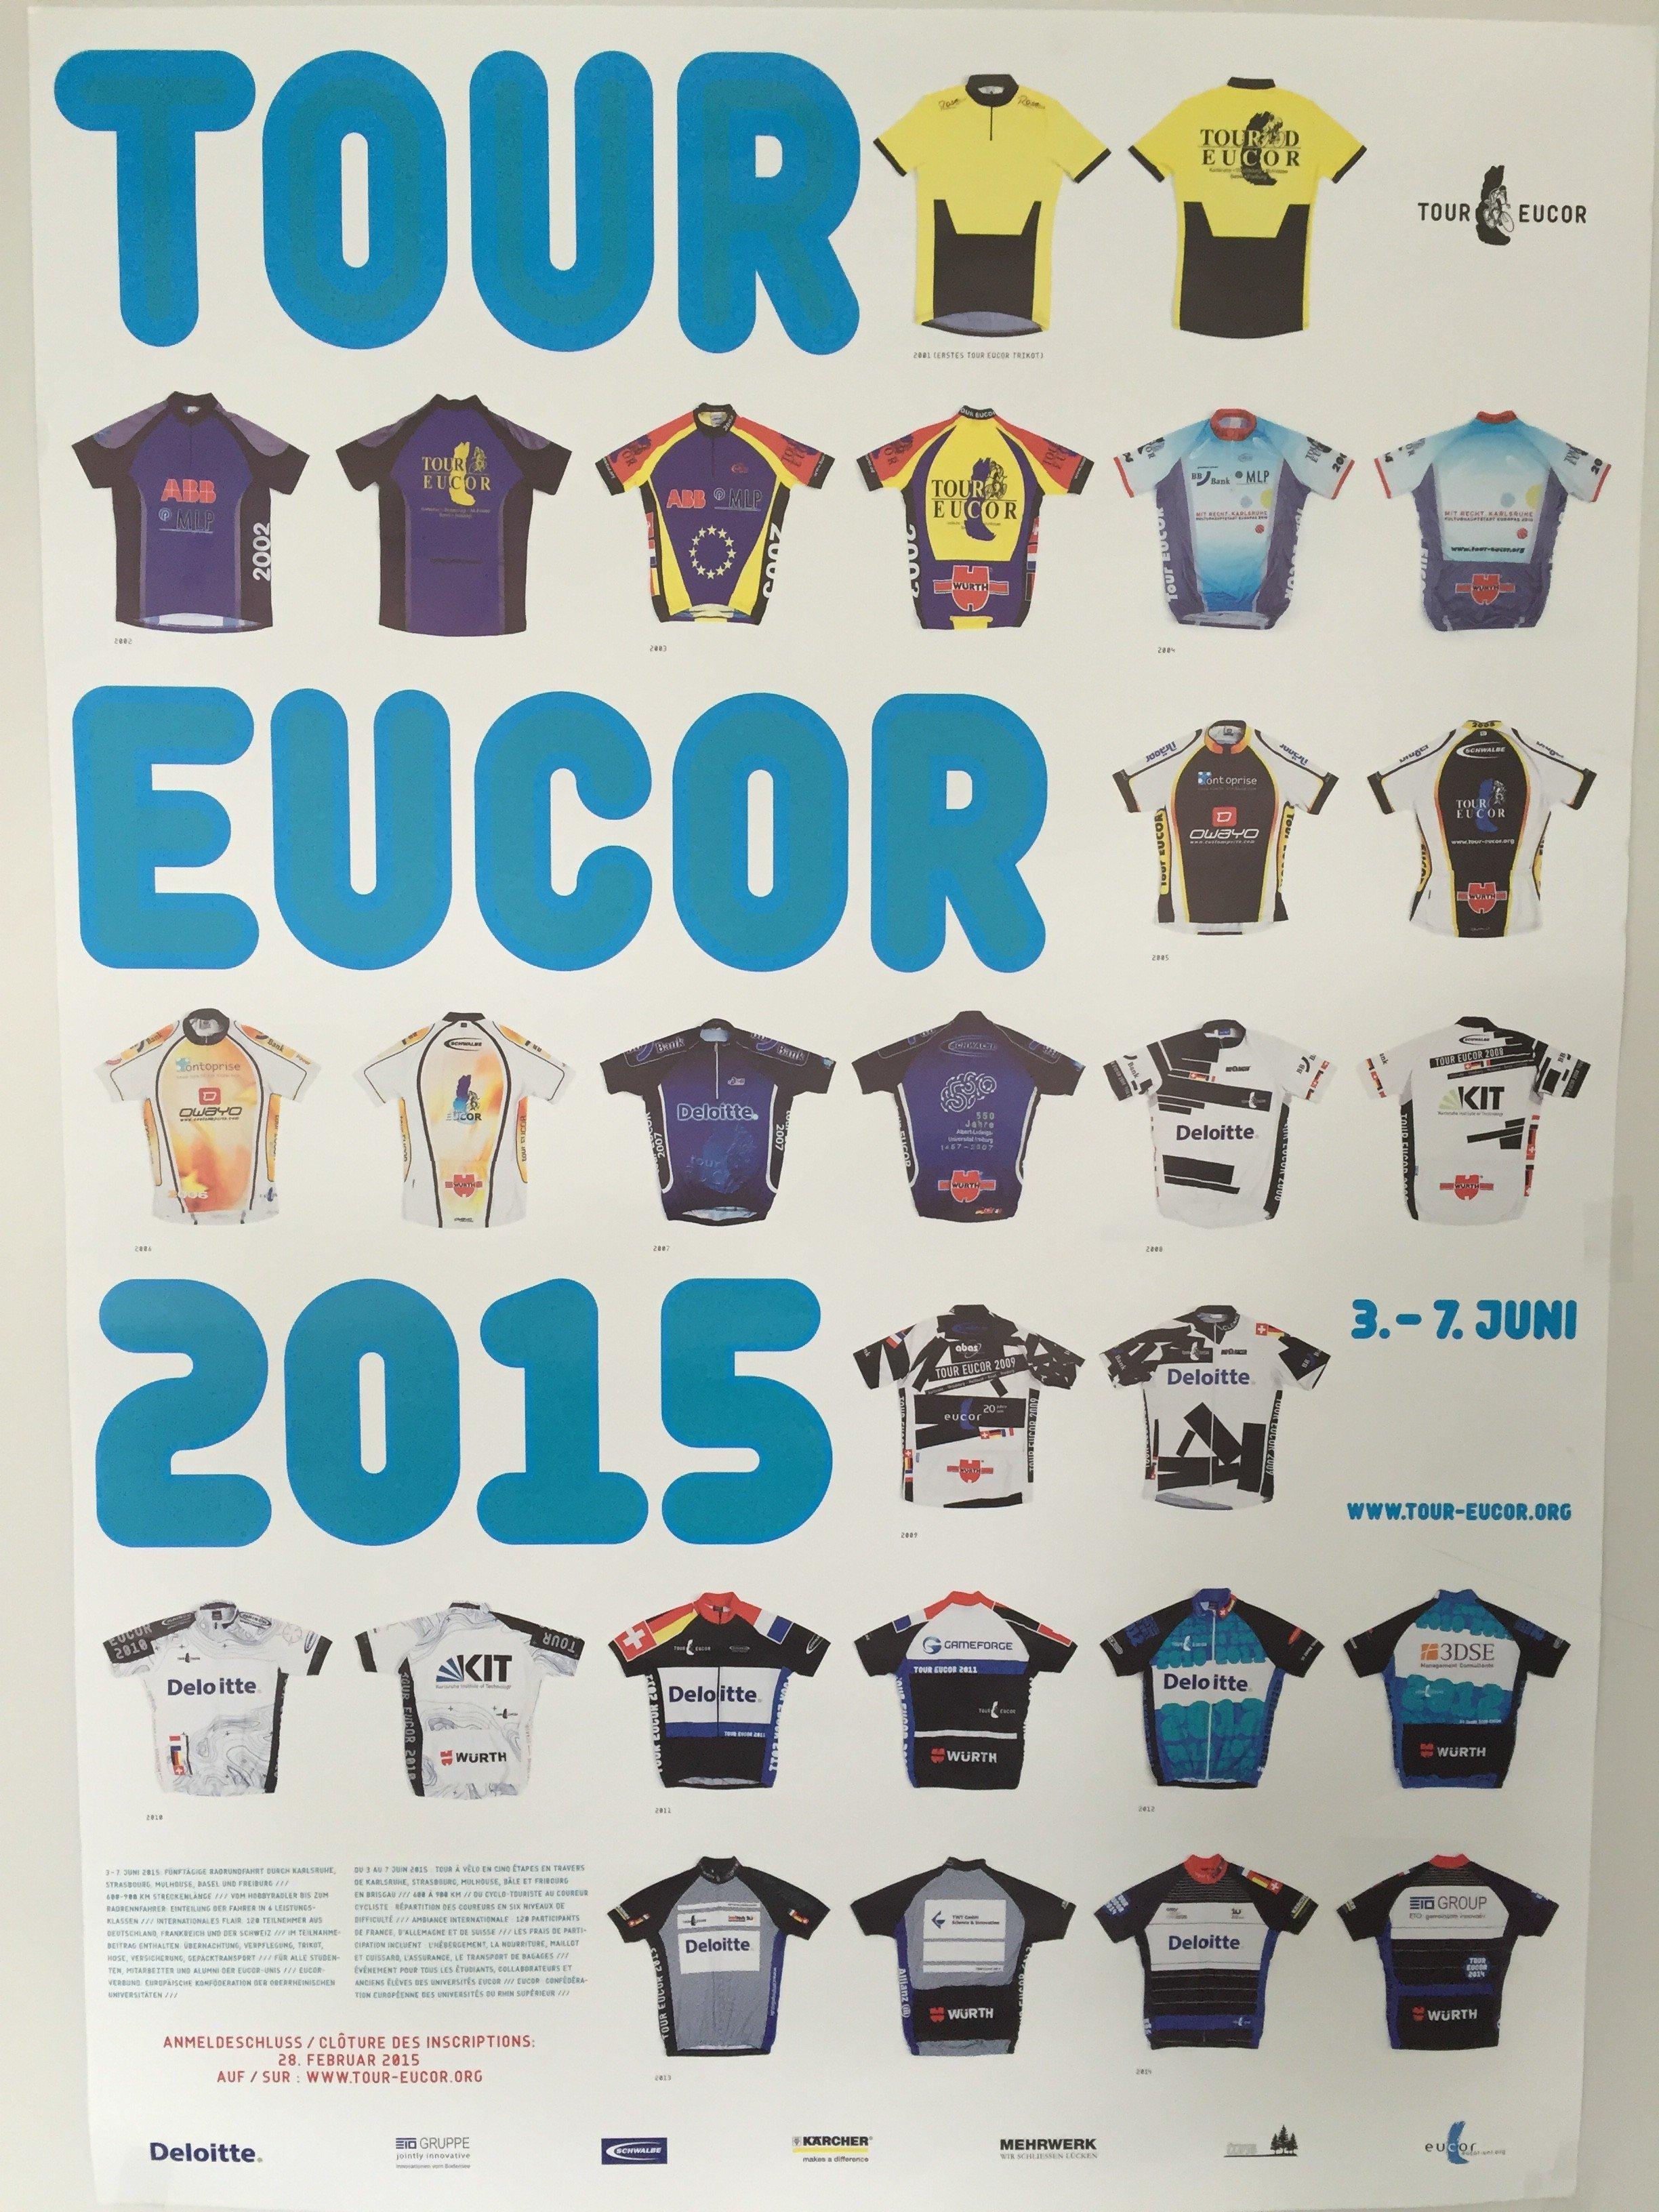 Toru Eucor 2015